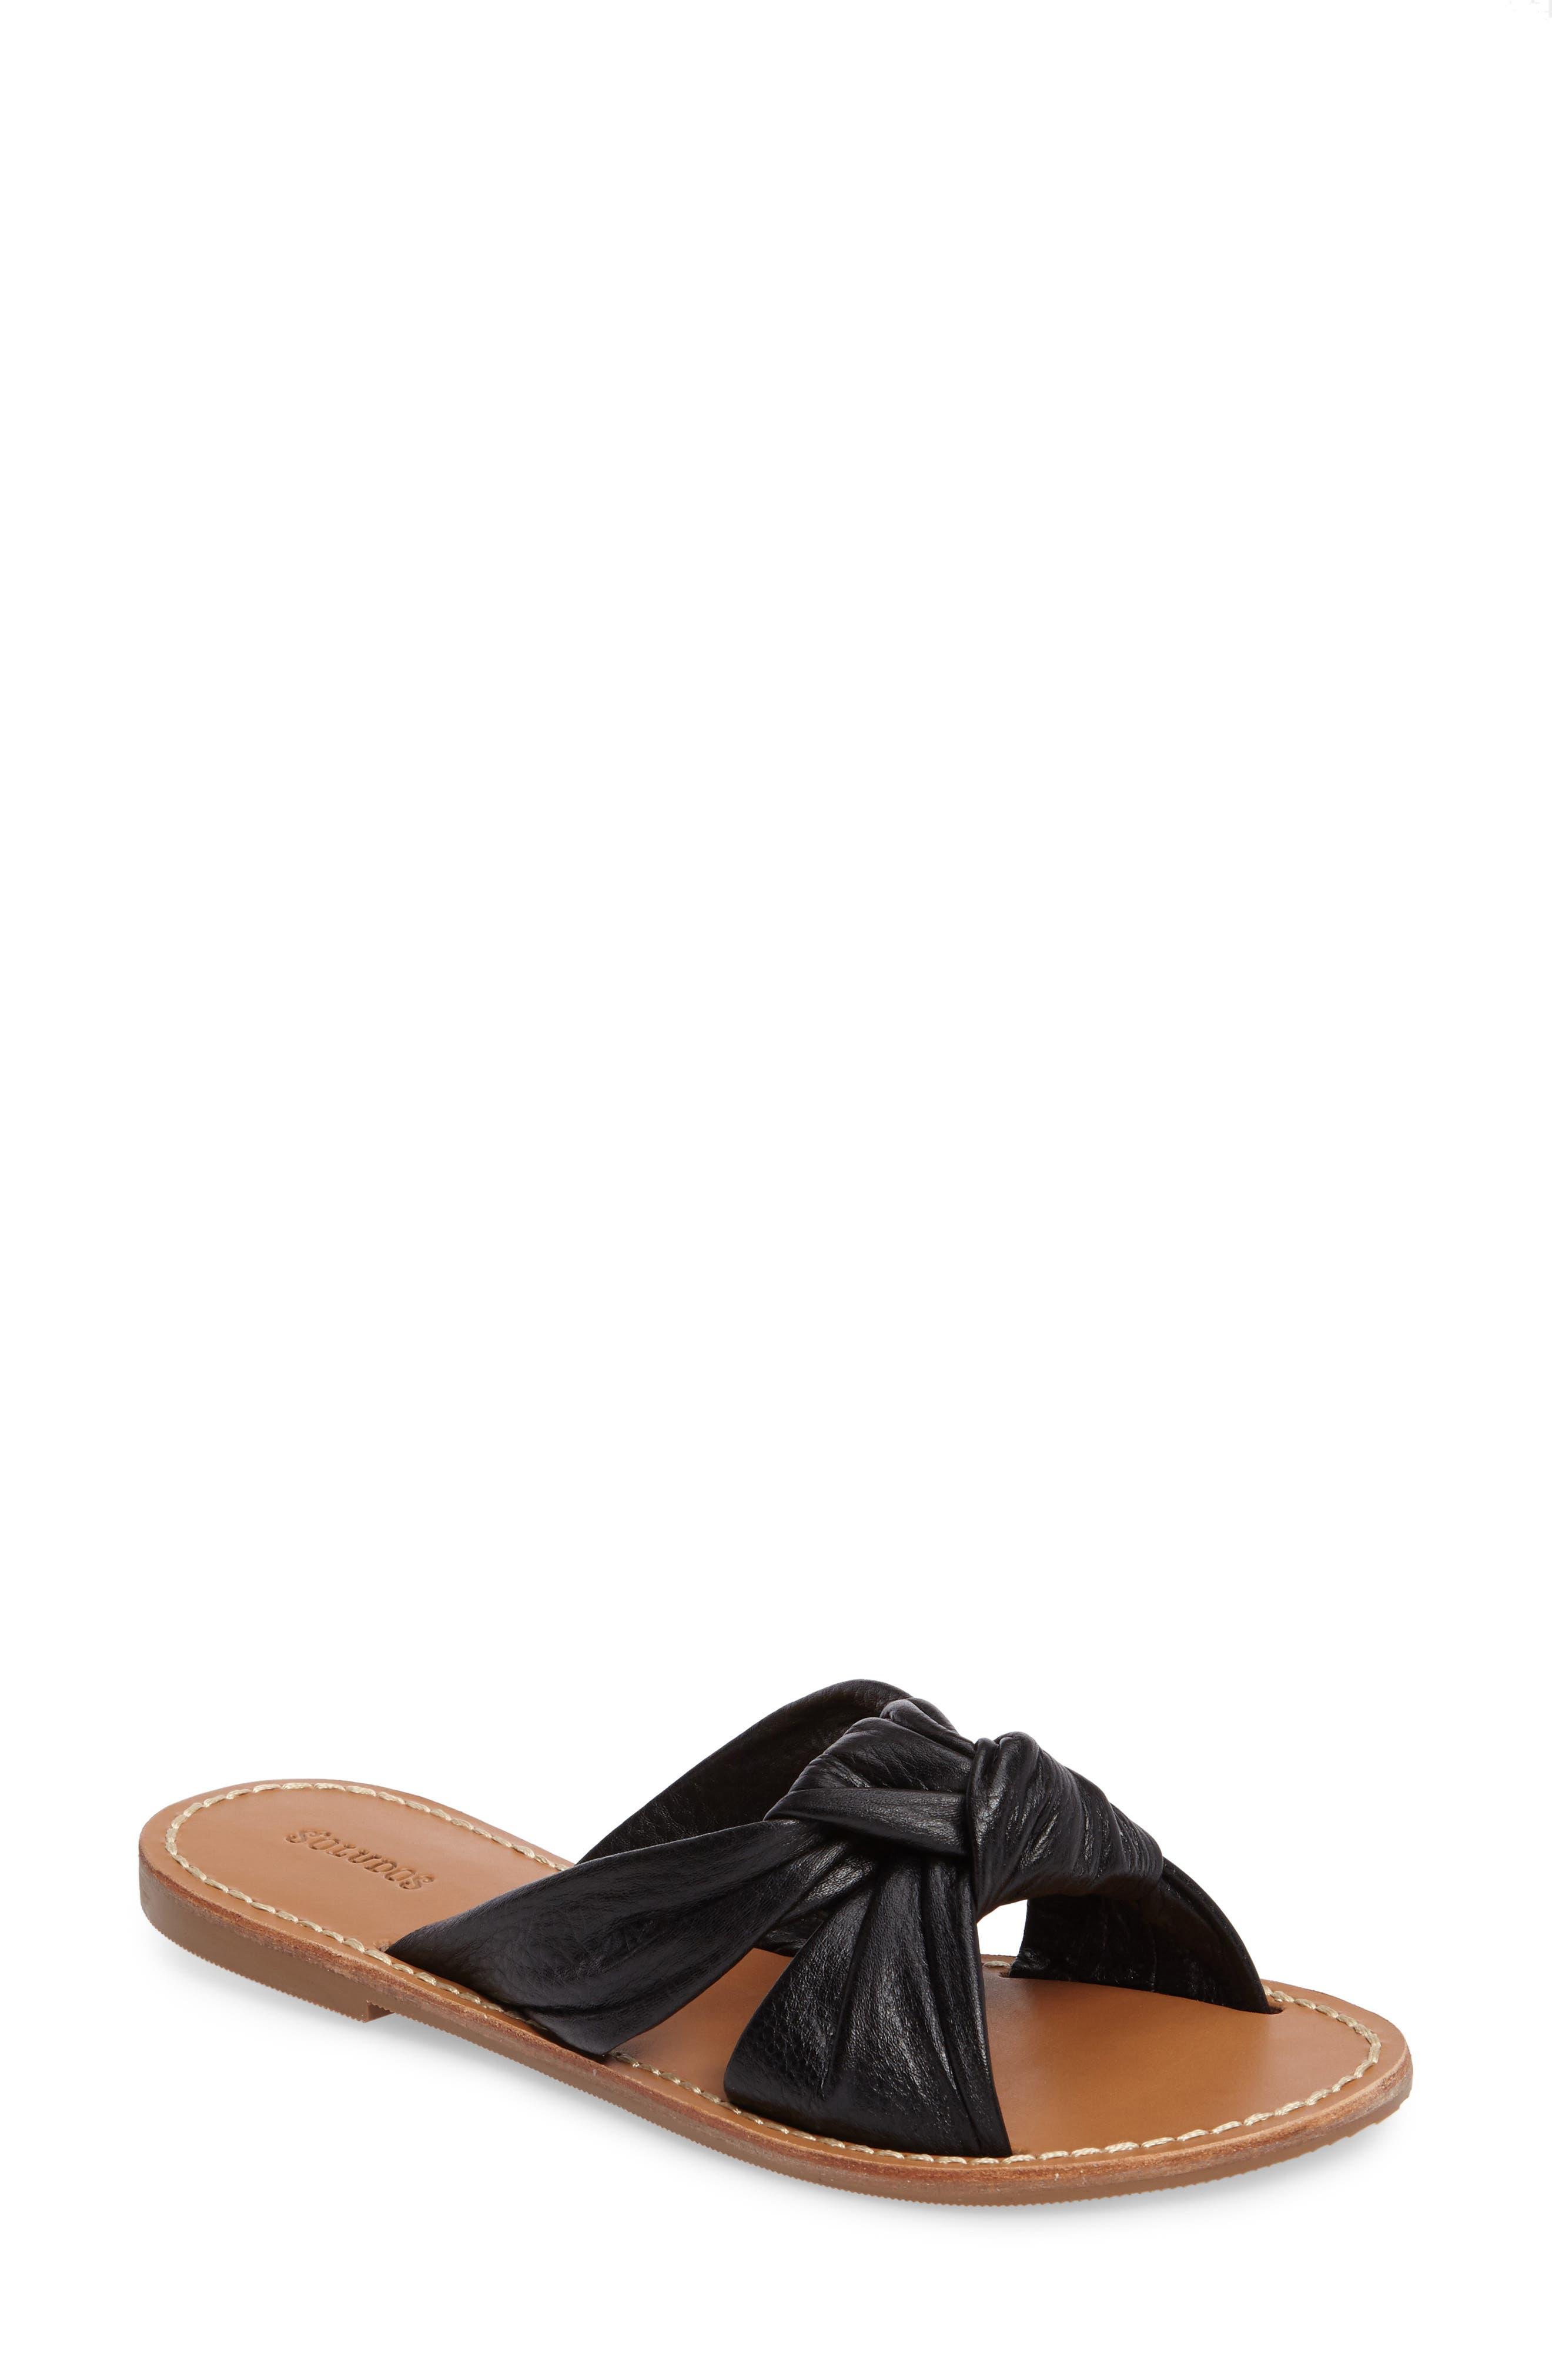 Knotted Slide Sandal,                         Main,                         color,